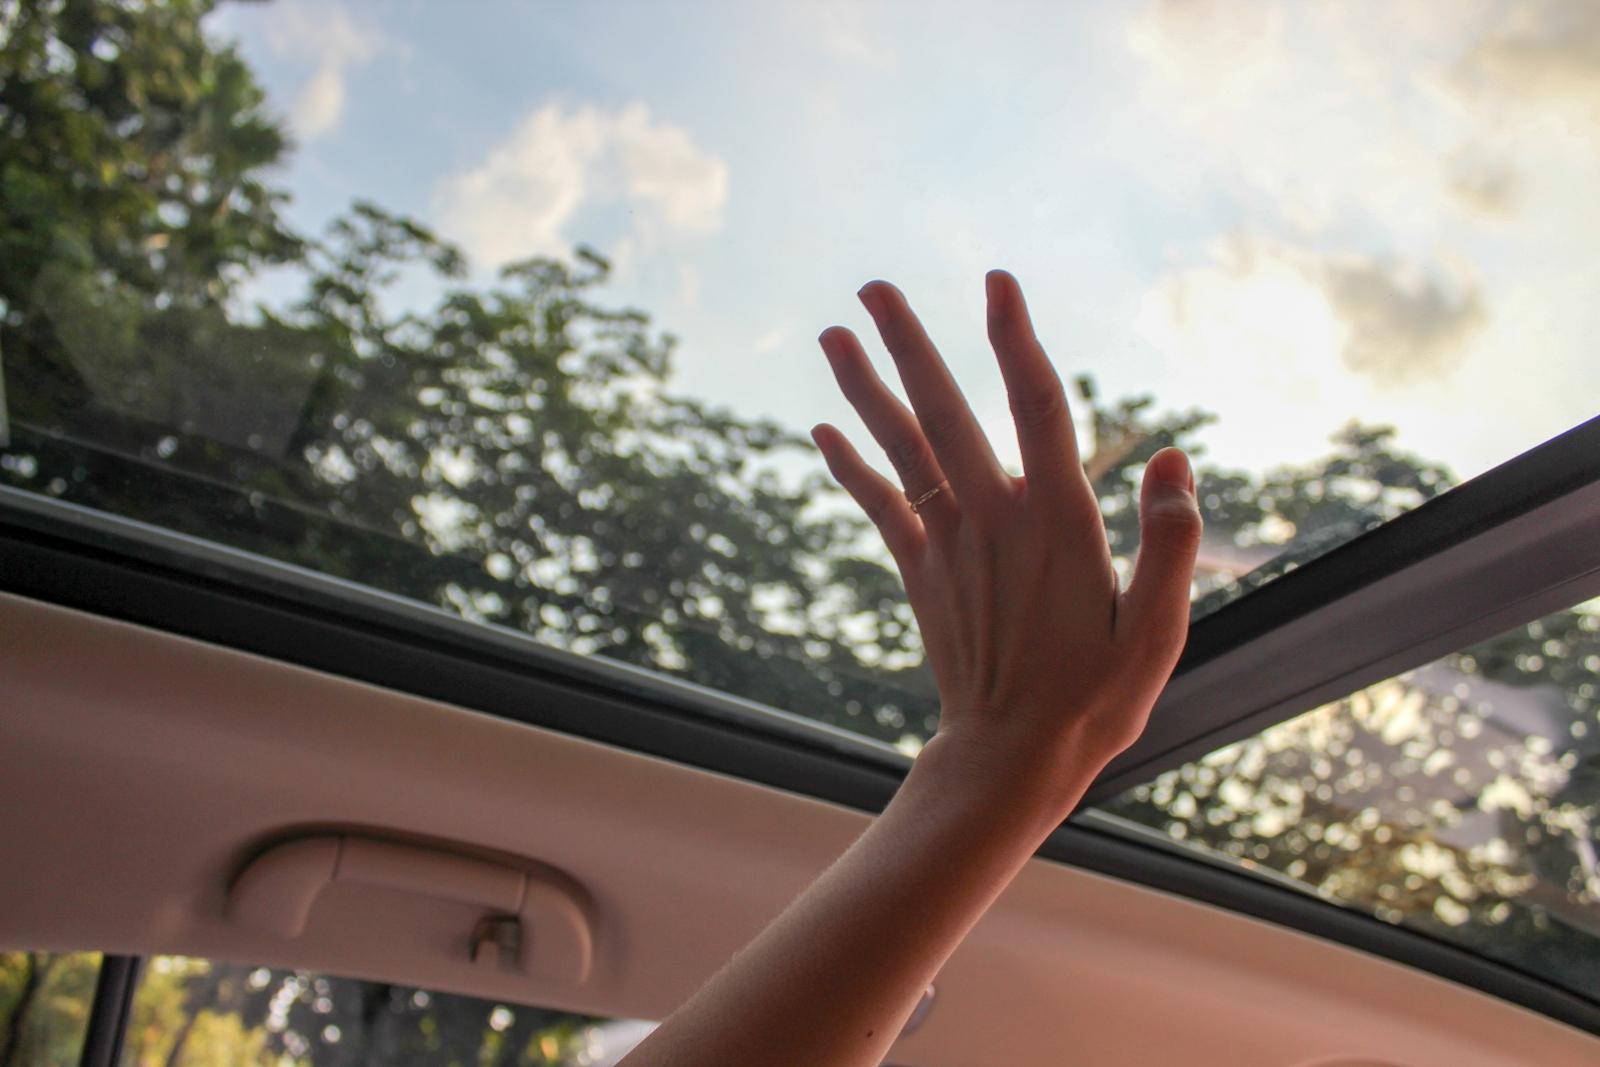 【汽車專知】天窗有什麼功能?天窗如何保養?